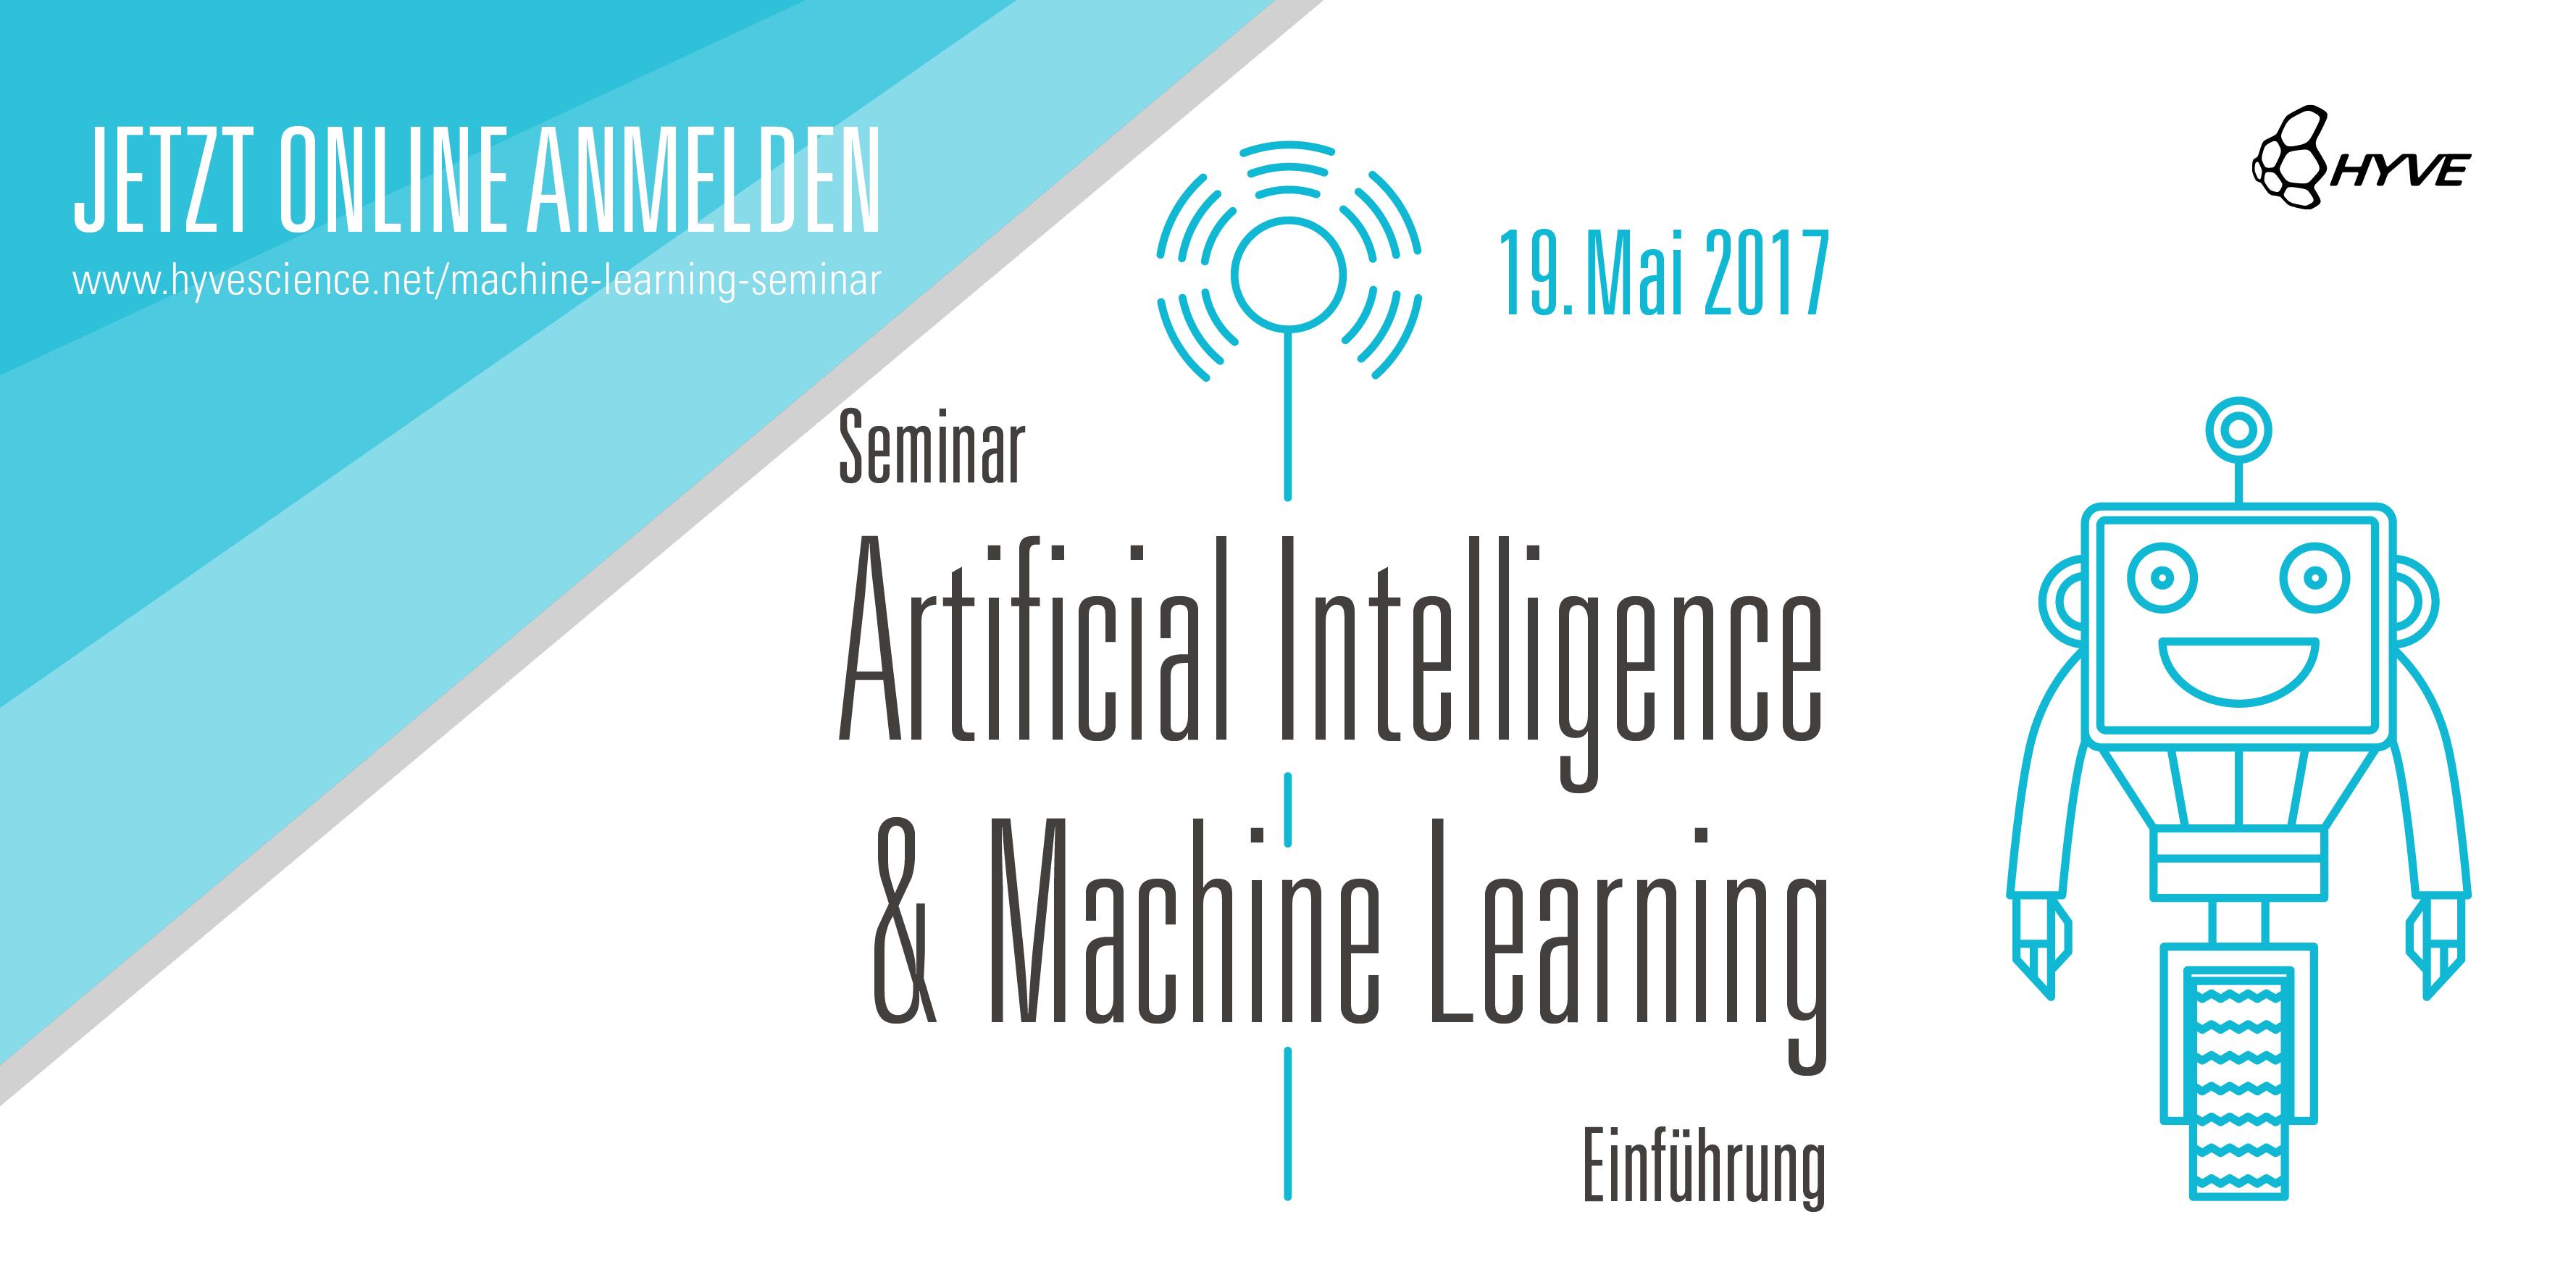 Seminar Artificial Intelligence